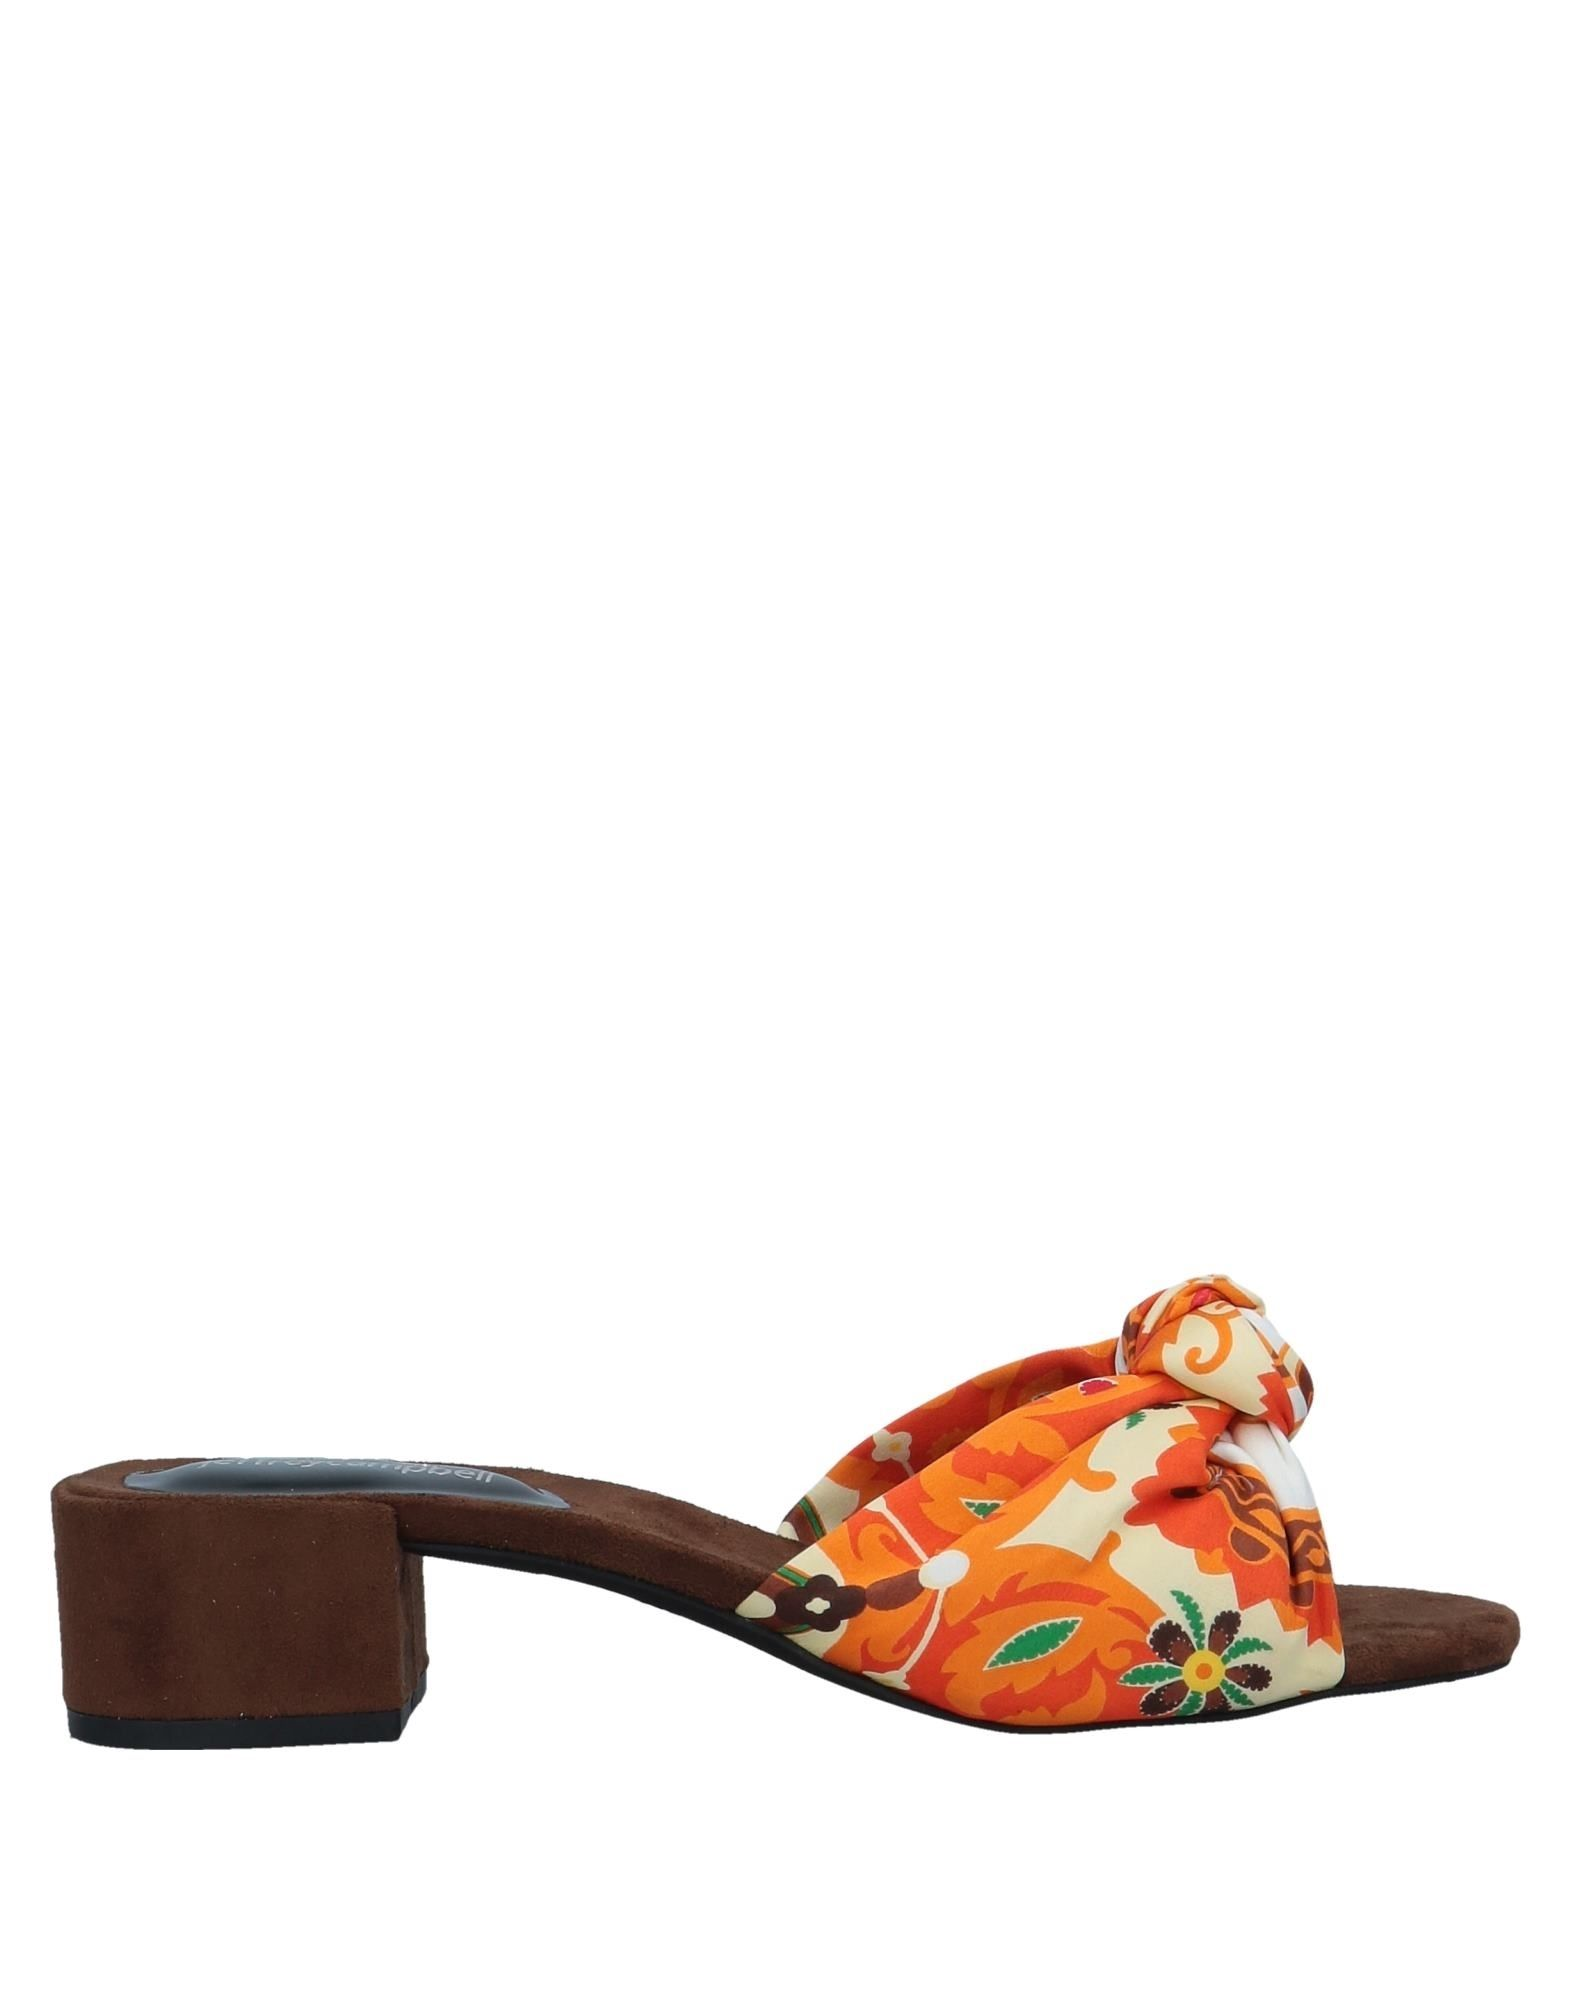 Jeffrey Campbell Sandalen Damen  11553098QM Gute Qualität beliebte Schuhe